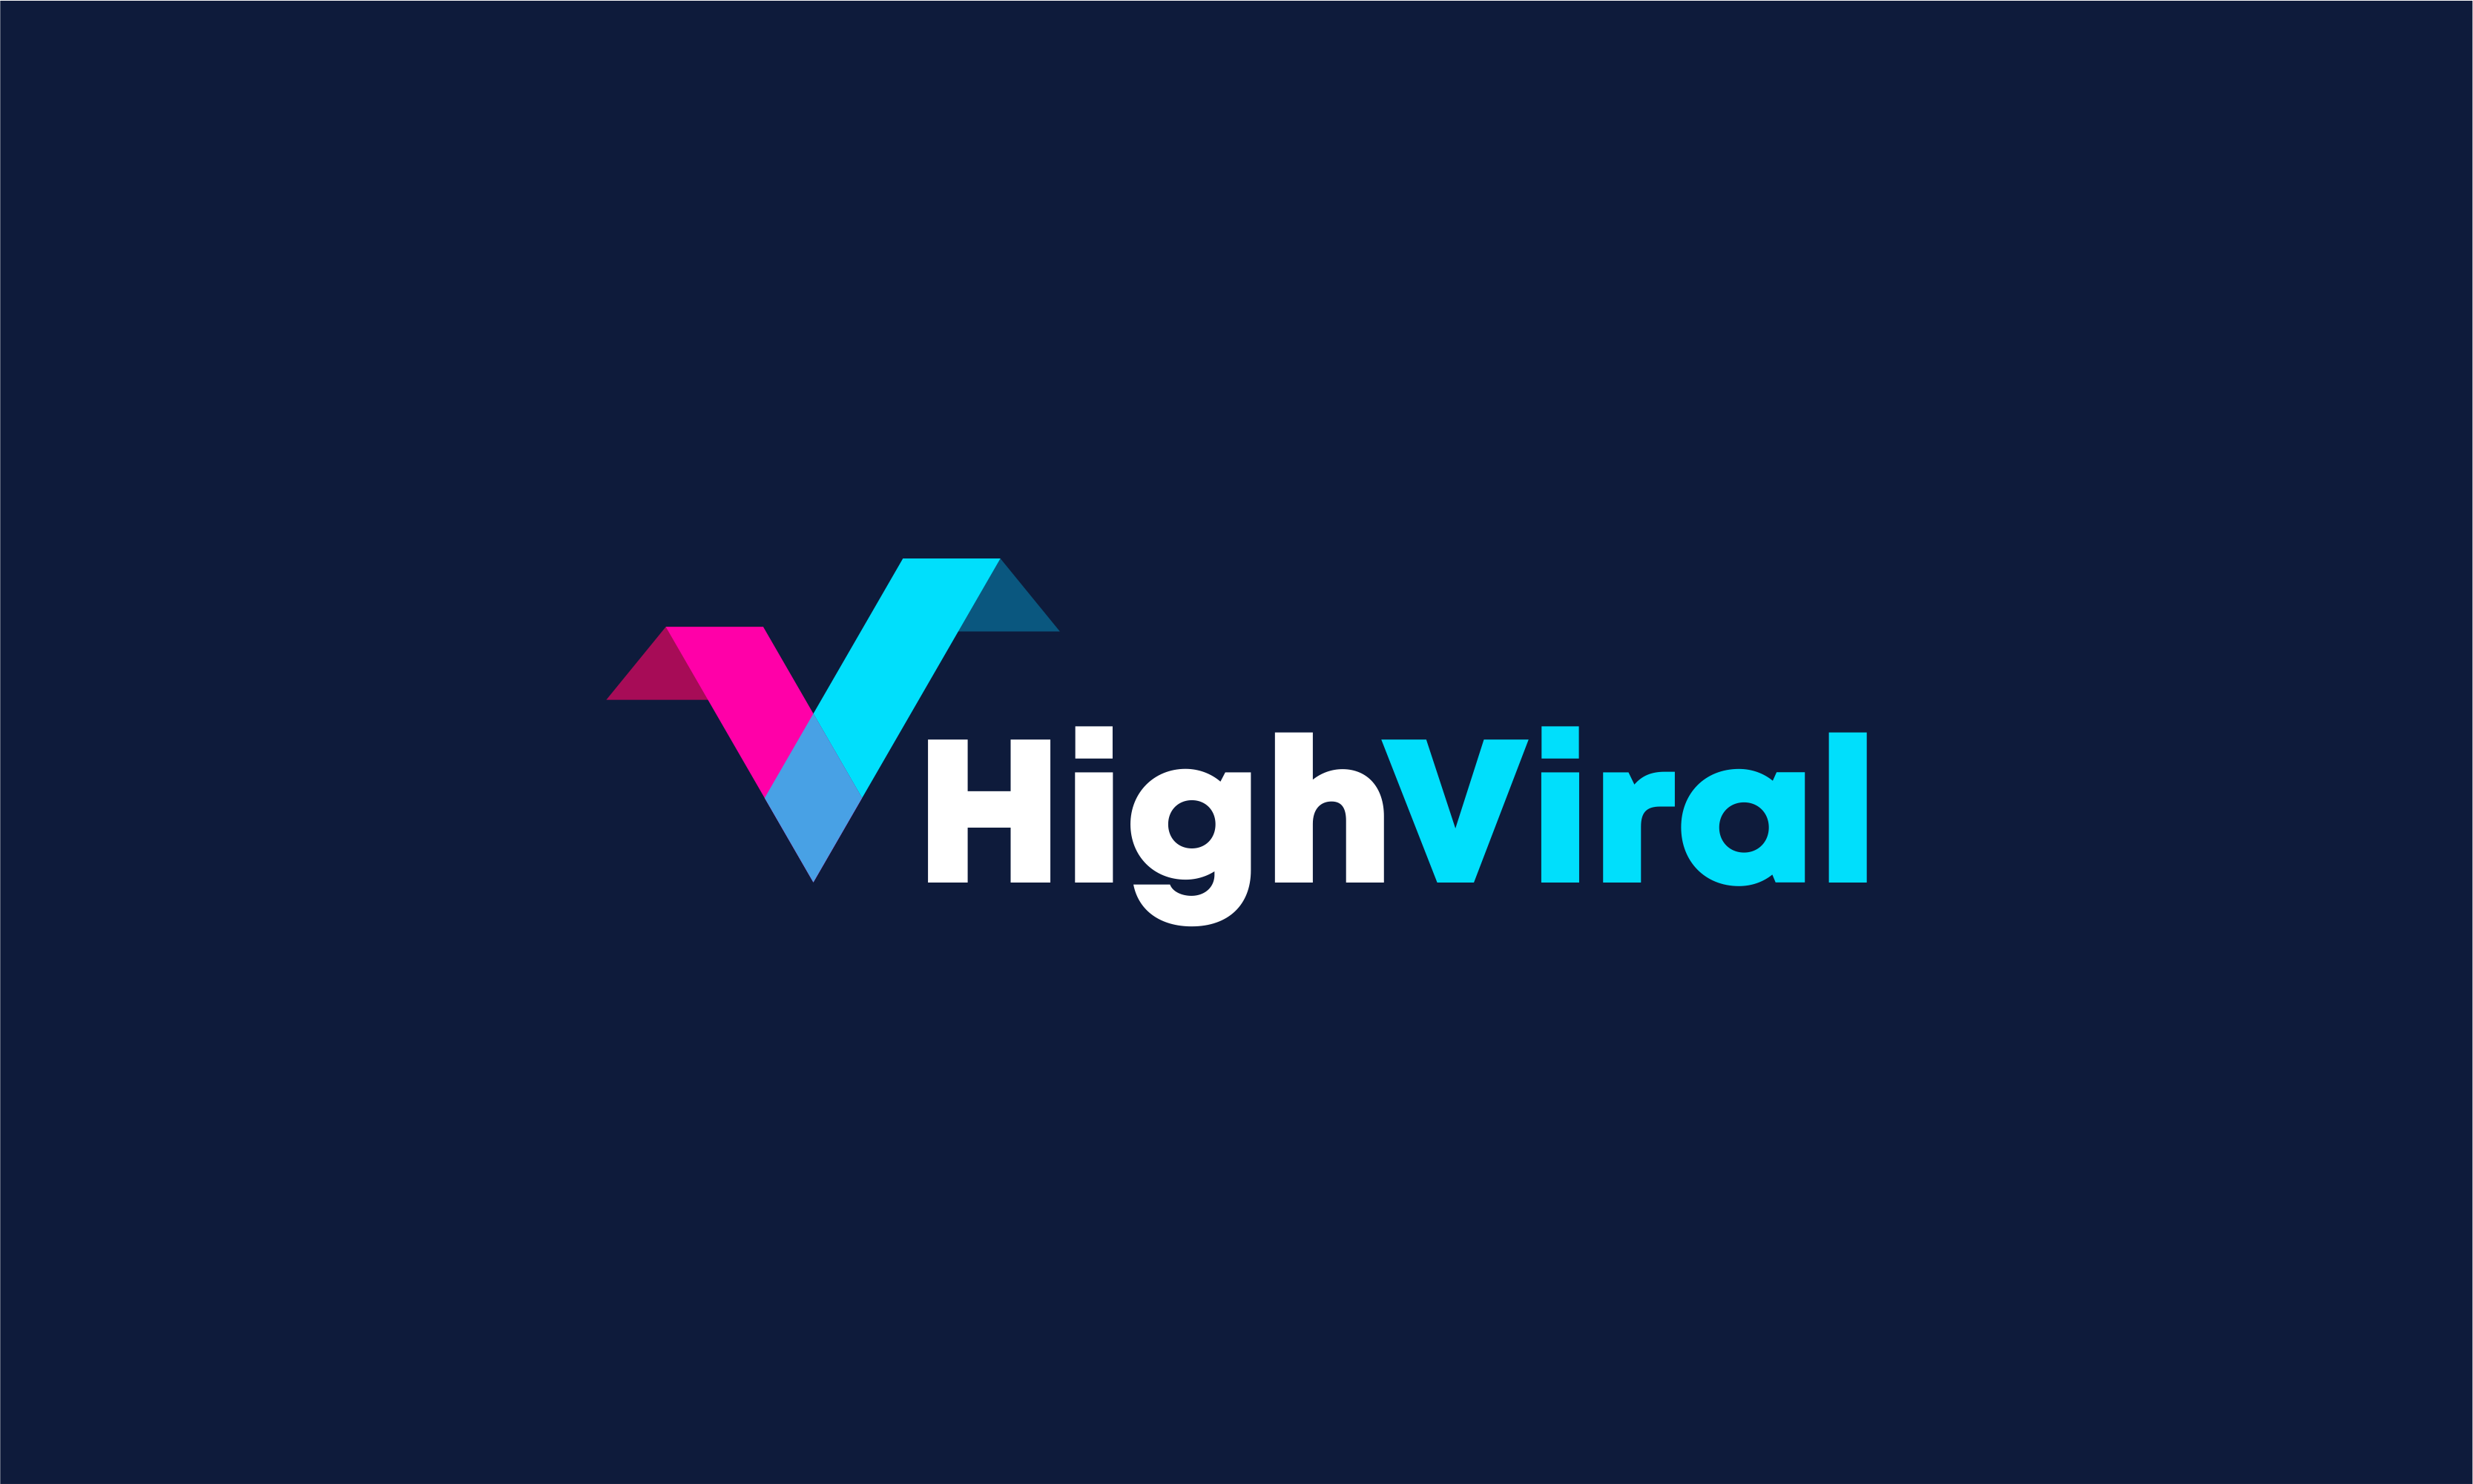 Highviral